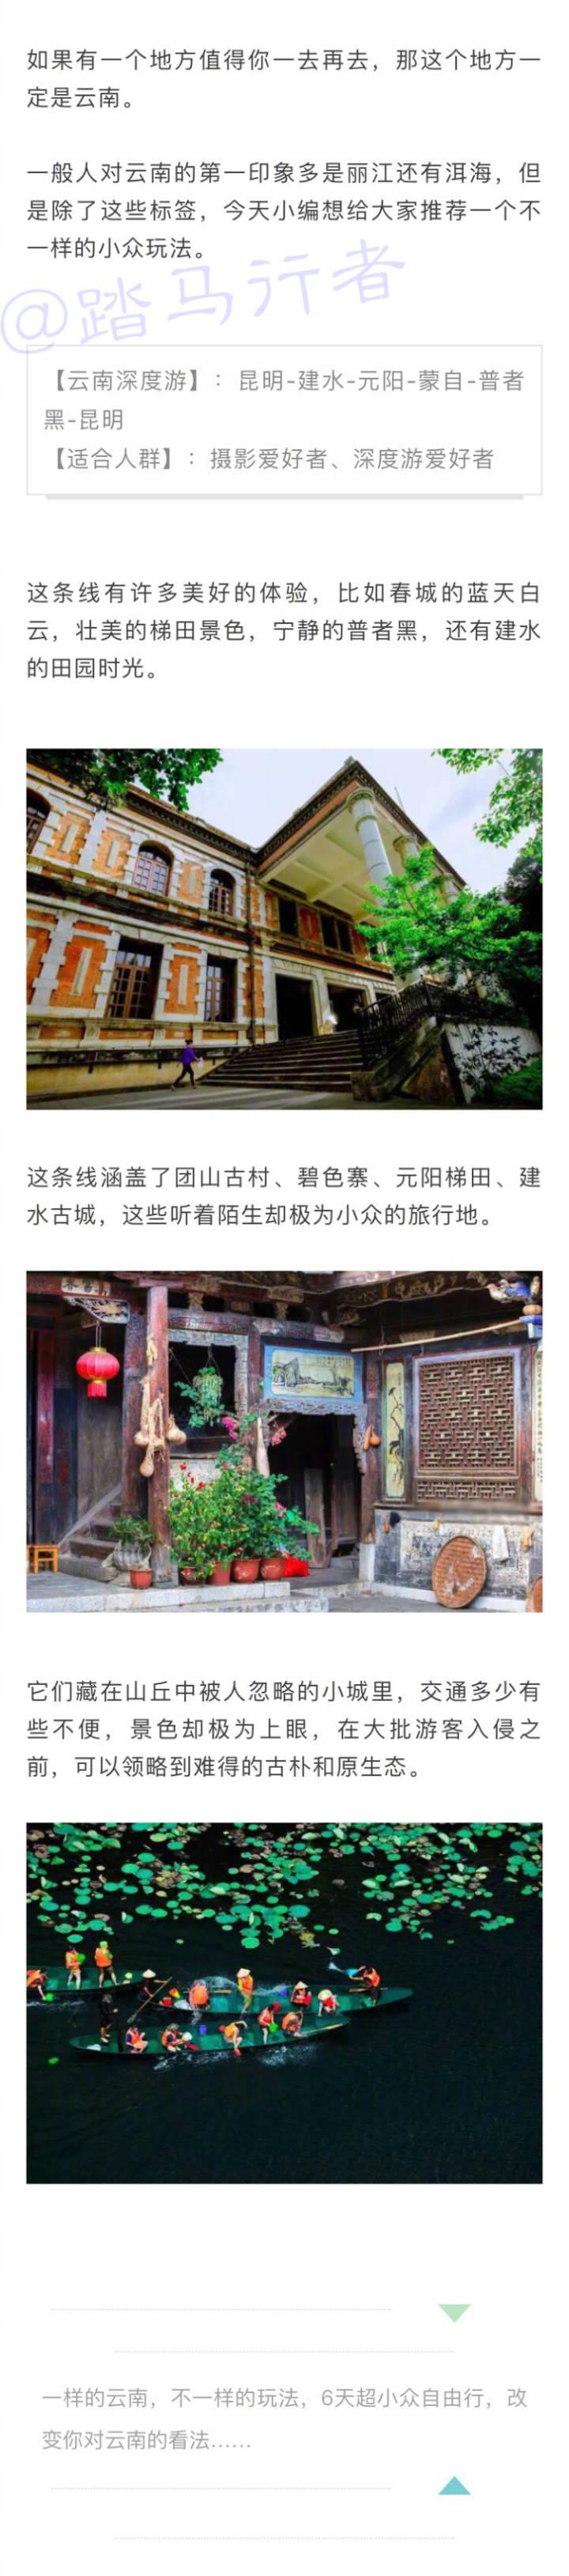 也许你打算去云南,就算是丽江古城泸沽湖将限流